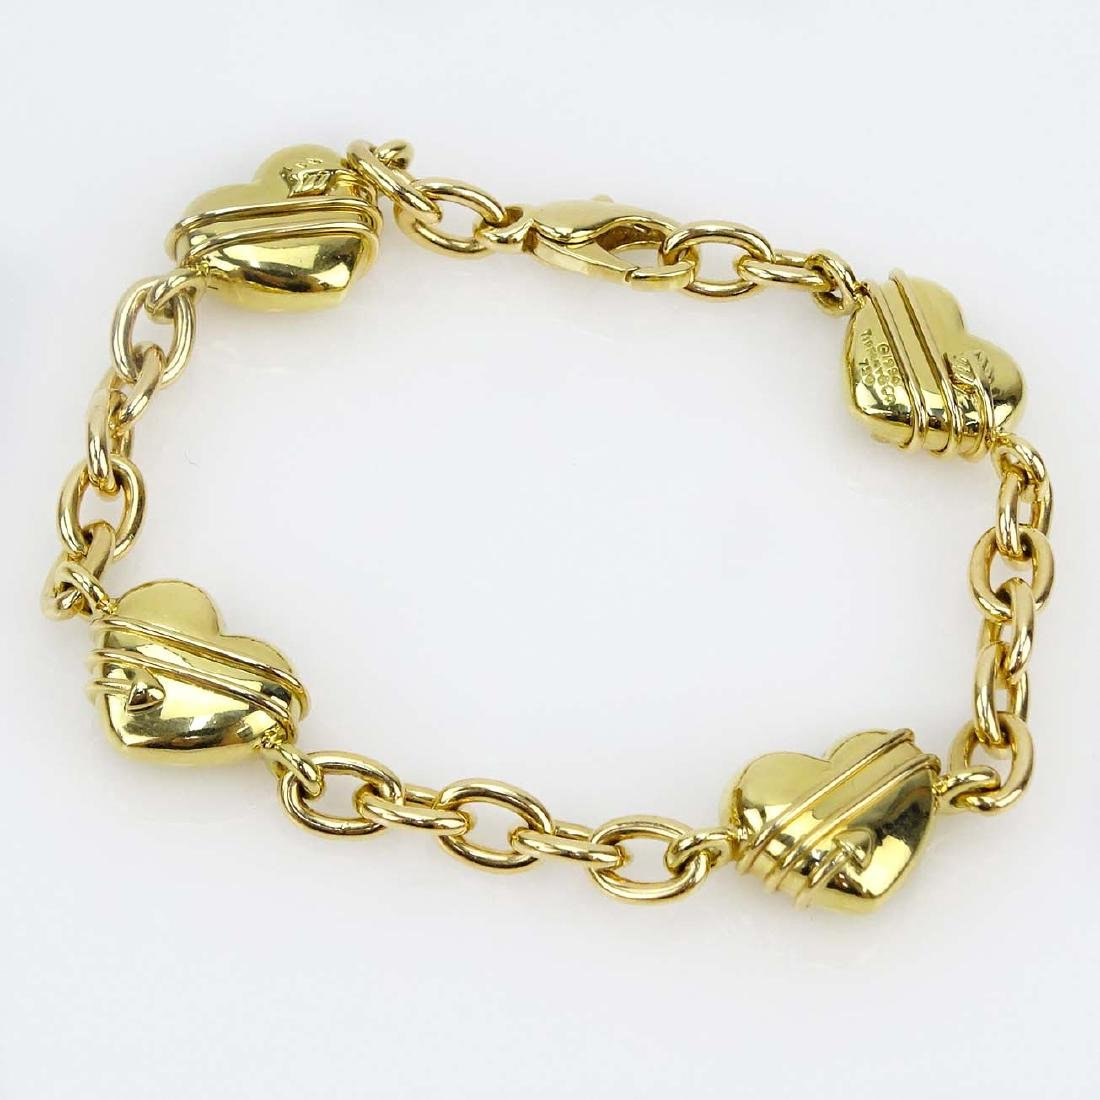 Tiffany & Co 18 Karat Yellow Gold Four Hearts Charm